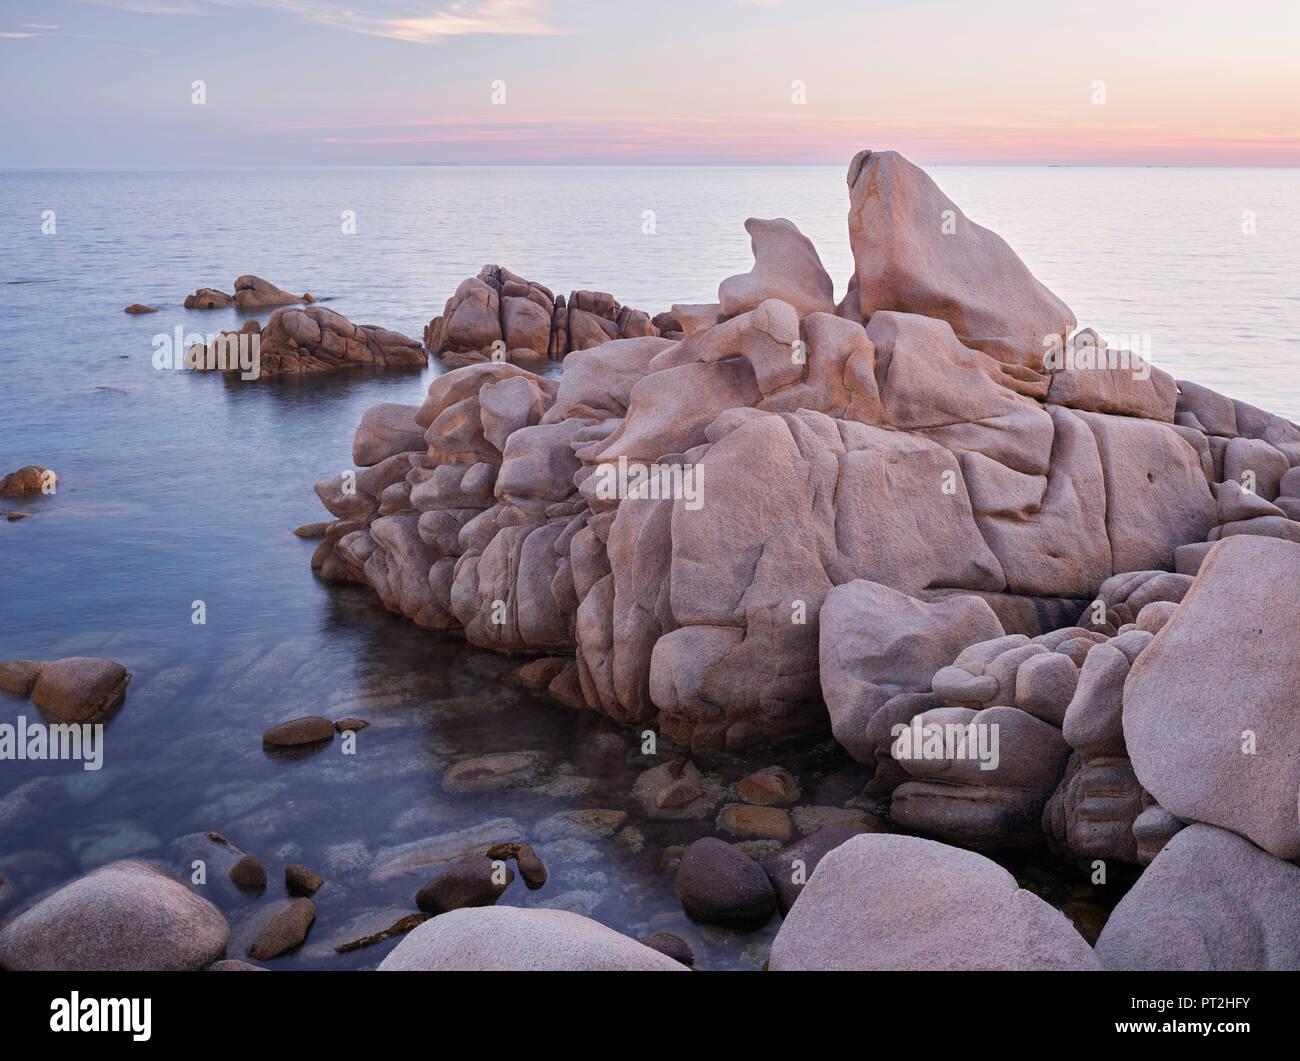 Felsformationen in der bruzzi Naturschutzgebiet, in der Nähe von Sartène, Corse, Korsika, Frankreich Stockbild